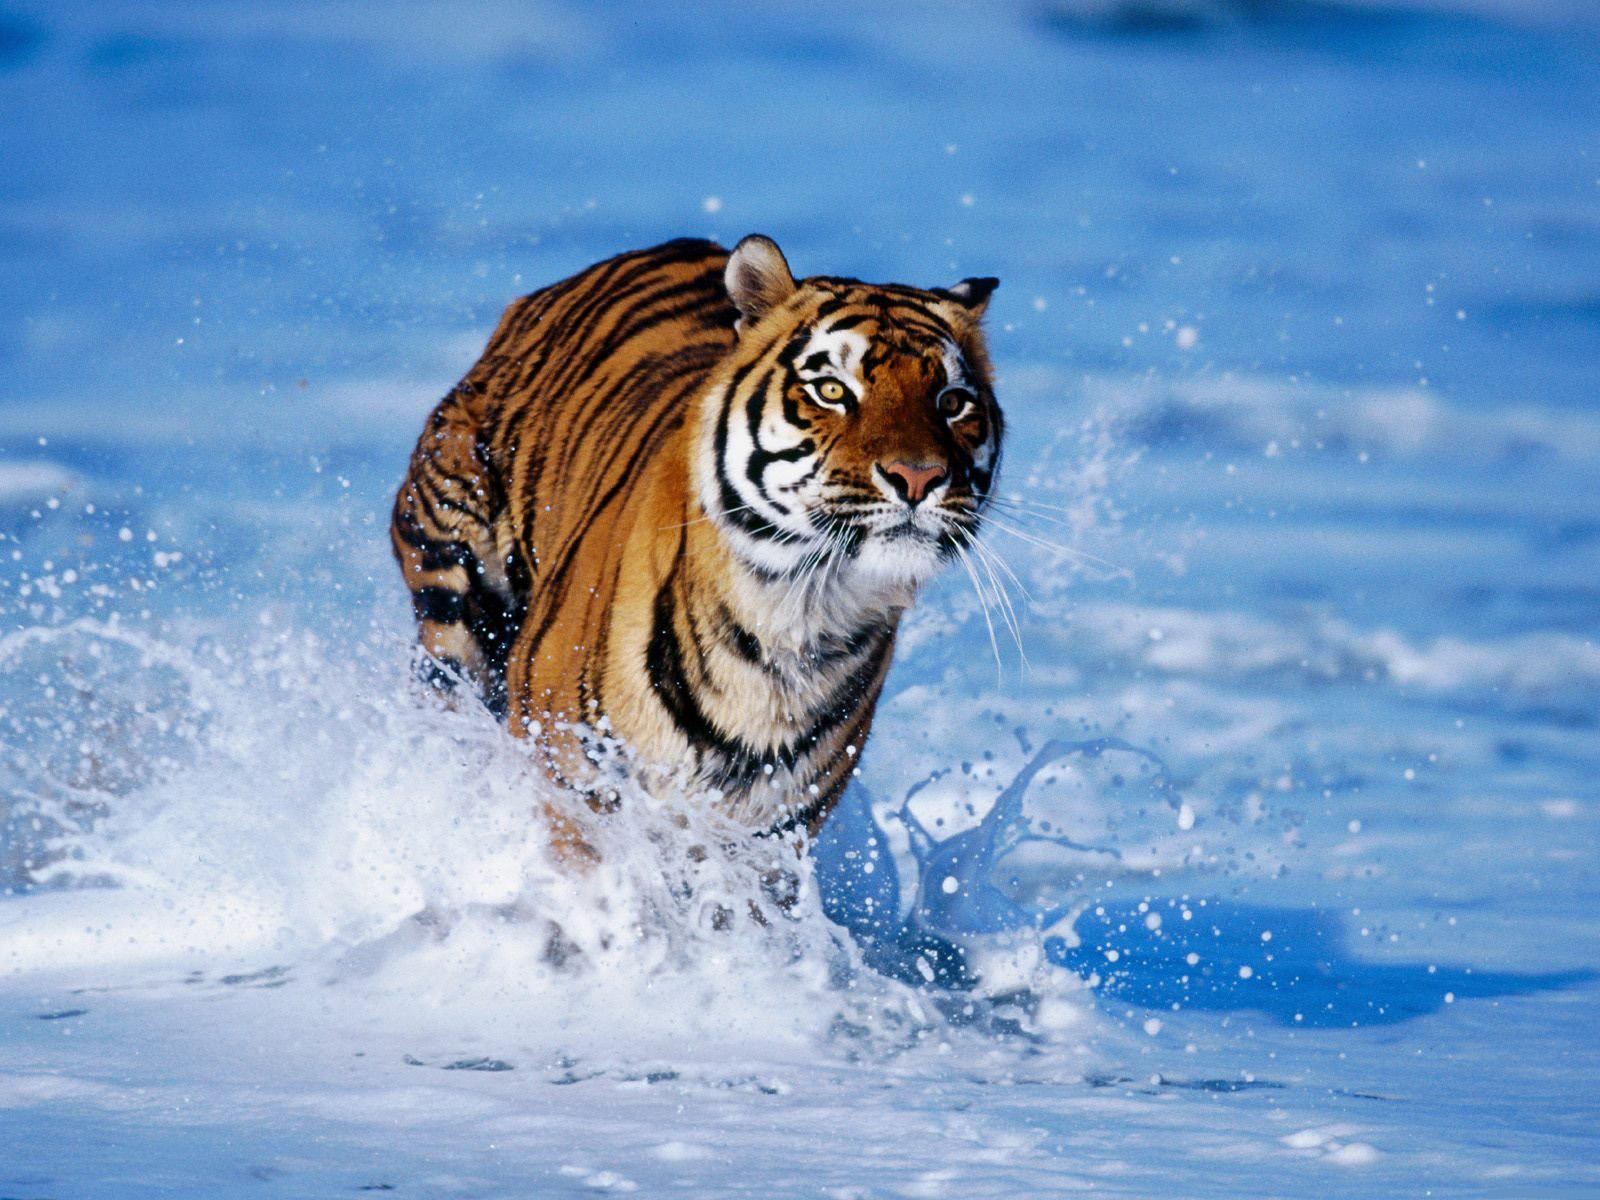 http://2.bp.blogspot.com/-pveyu29Pf1k/UHfrm-8YFqI/AAAAAAAAIAg/23zJglxgRV0/s1600/Tiger+Photos+3dwallpaper2013.blogspot.com+44.jpg